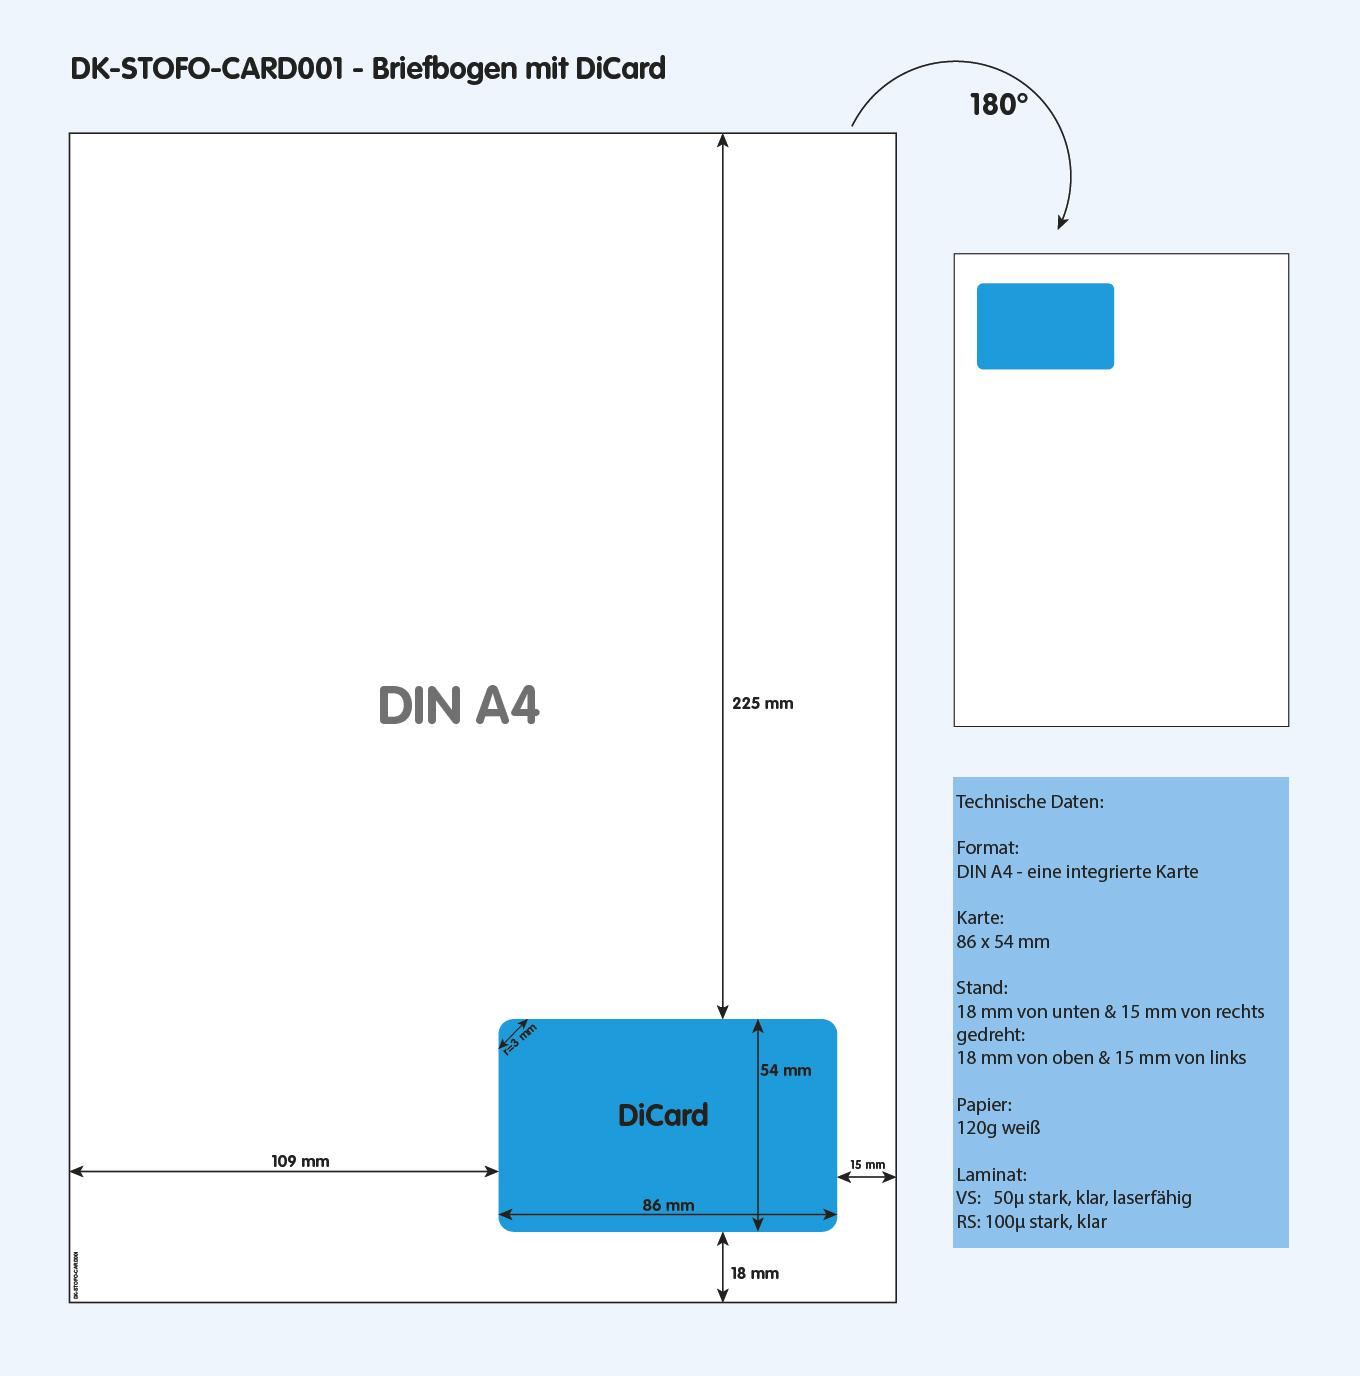 DK-STOFO-CARD001 - technische Zeichnung